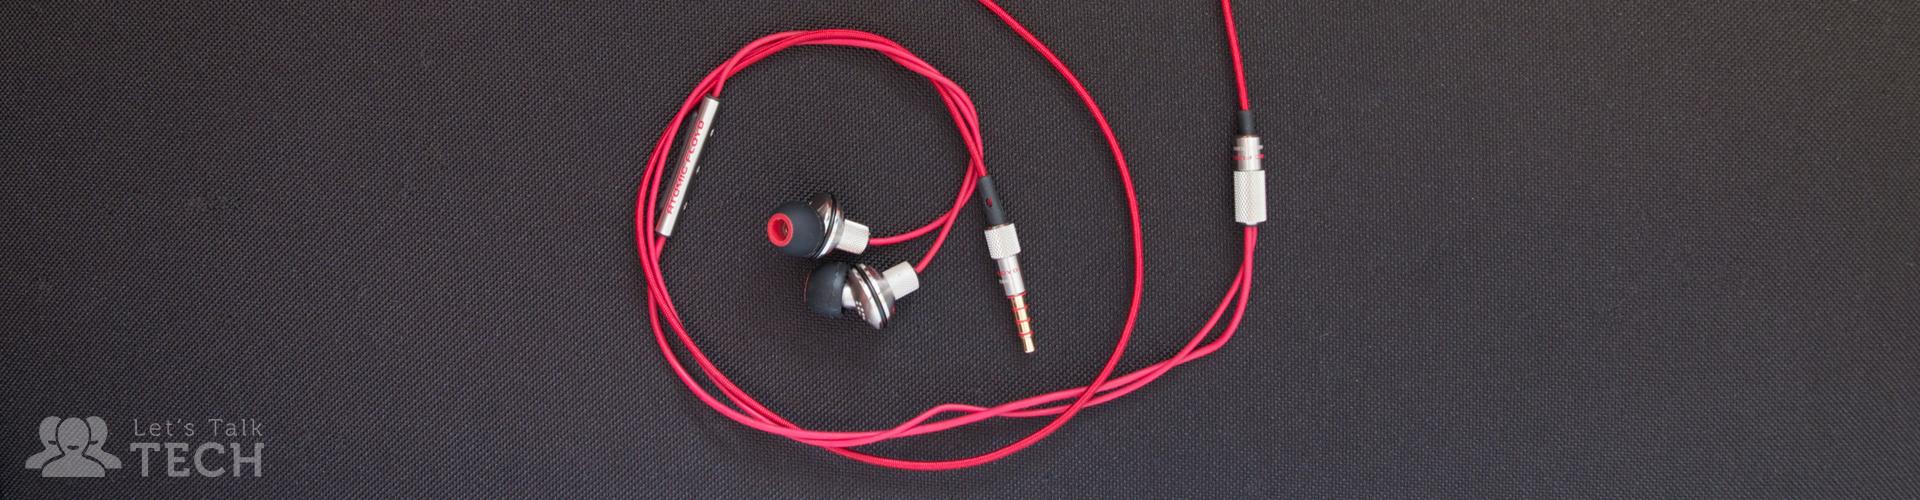 Atomic Floyd HiDefDrum Earphones Review: Punchy Audio In A Durable Package